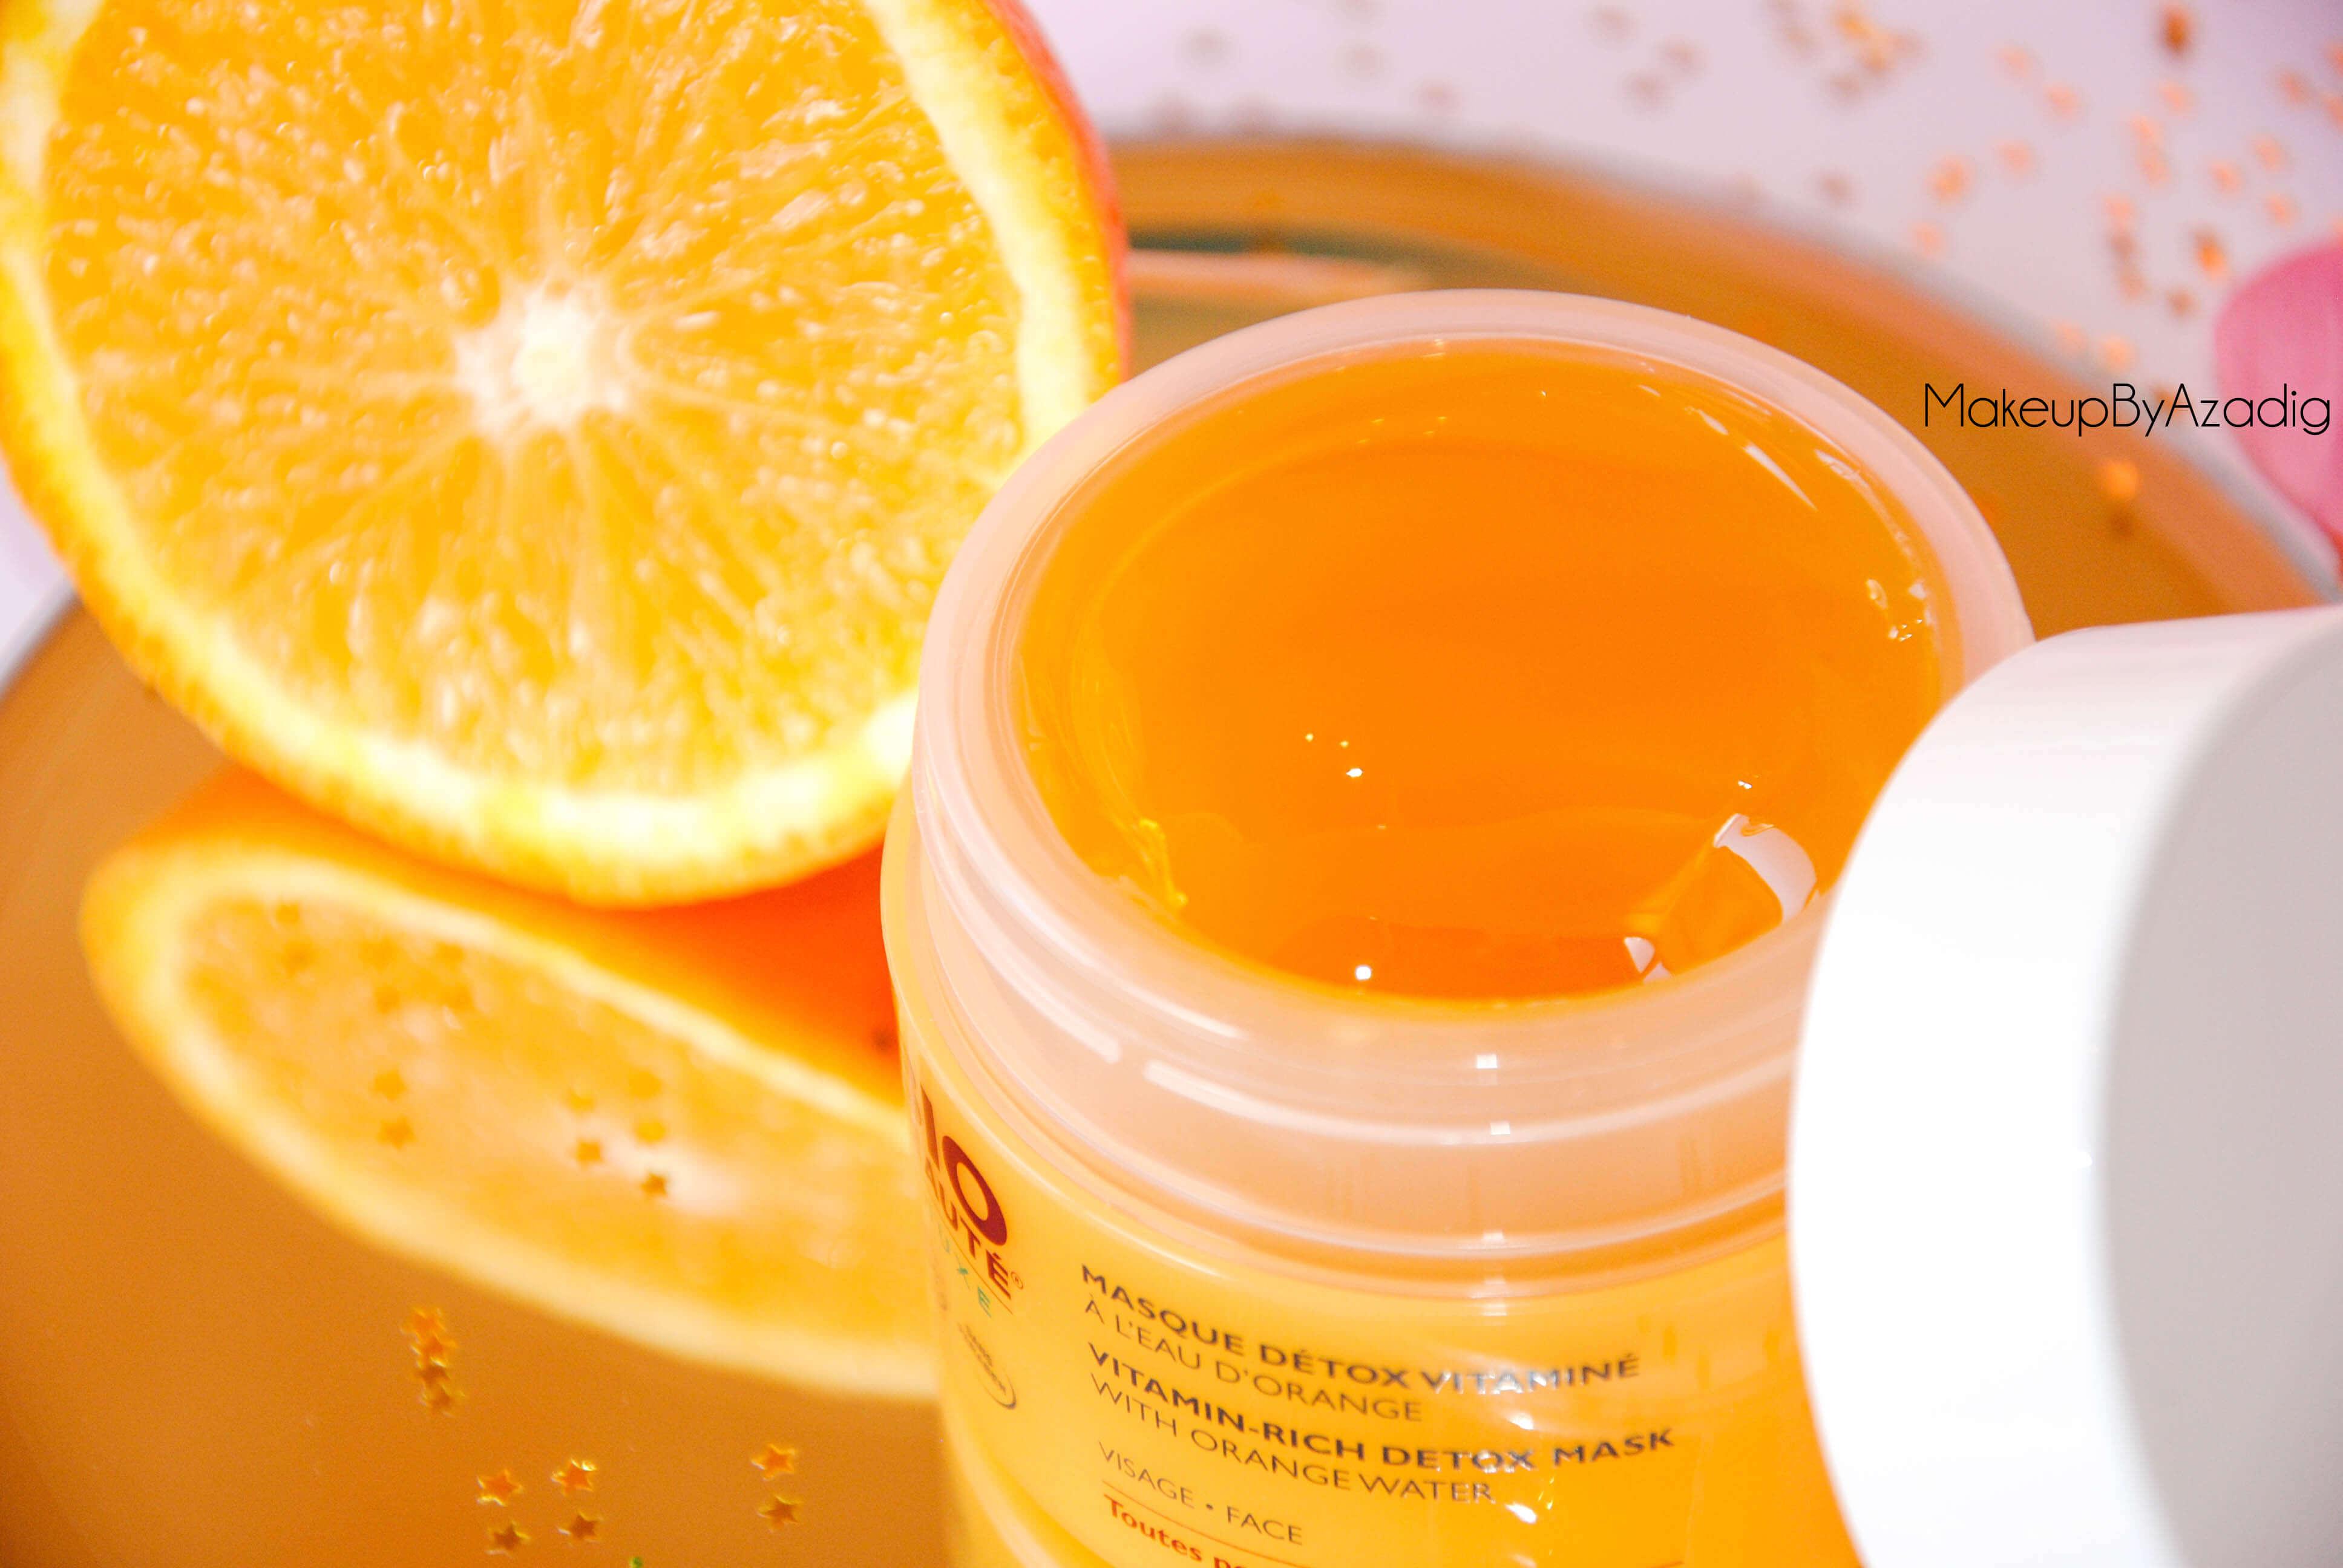 masque-detox-vitamine-bio-beaute-nuxe-makeupbyazadig-pas-cher-avis-revue-doctipharma-troyes-texture